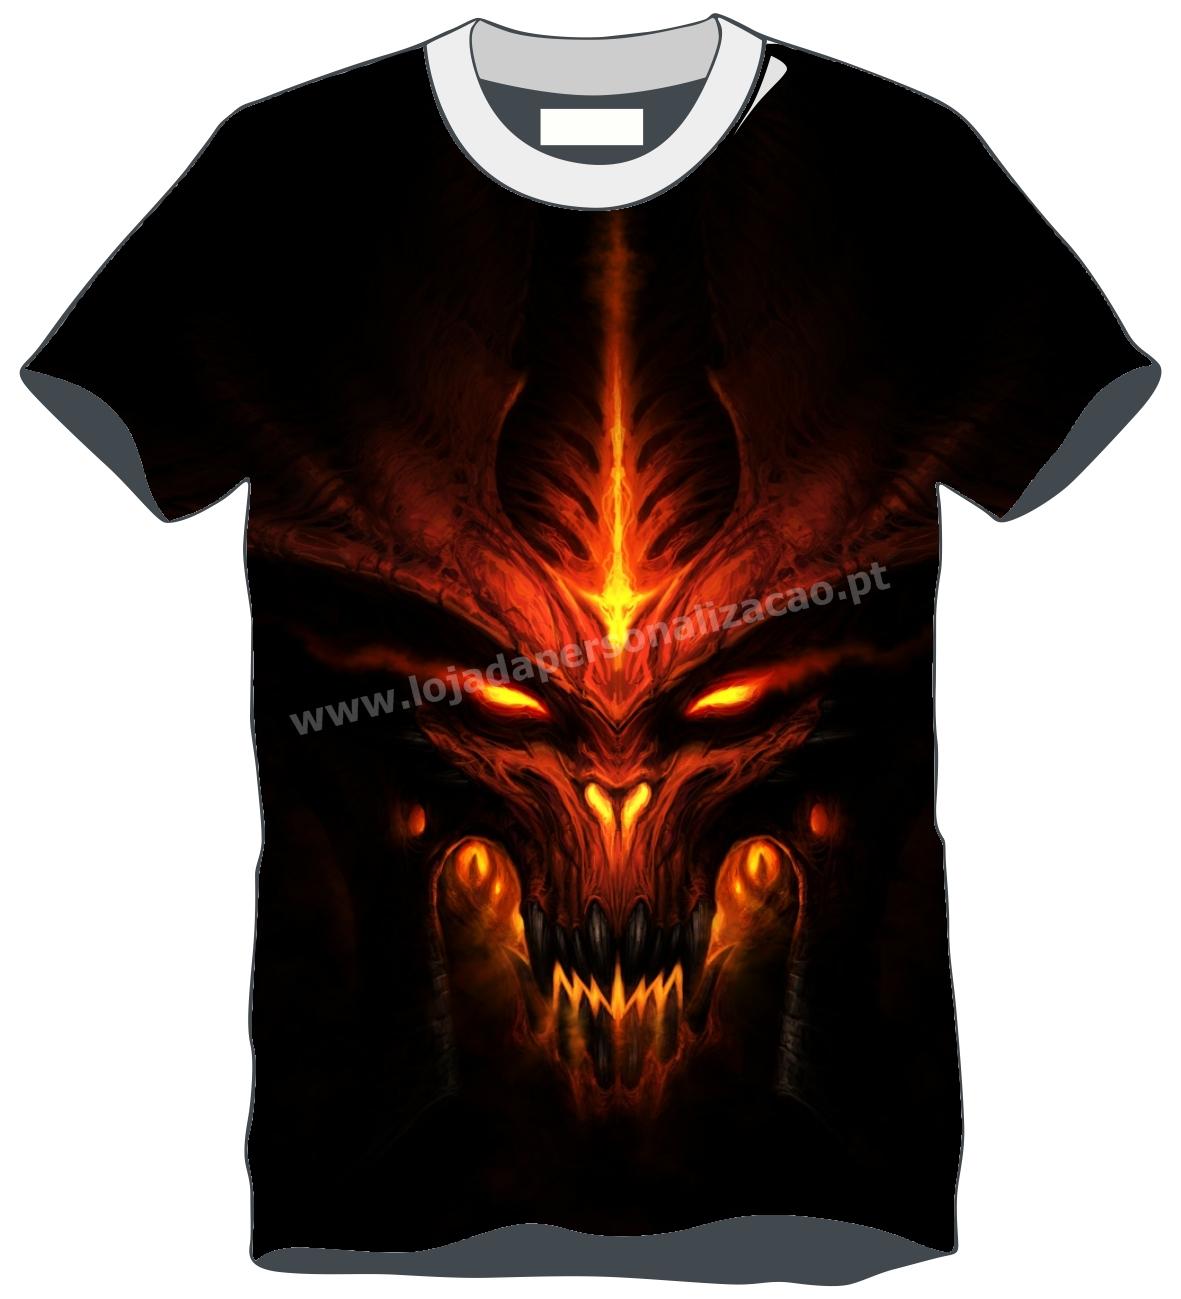 T-Shirt Art (8)